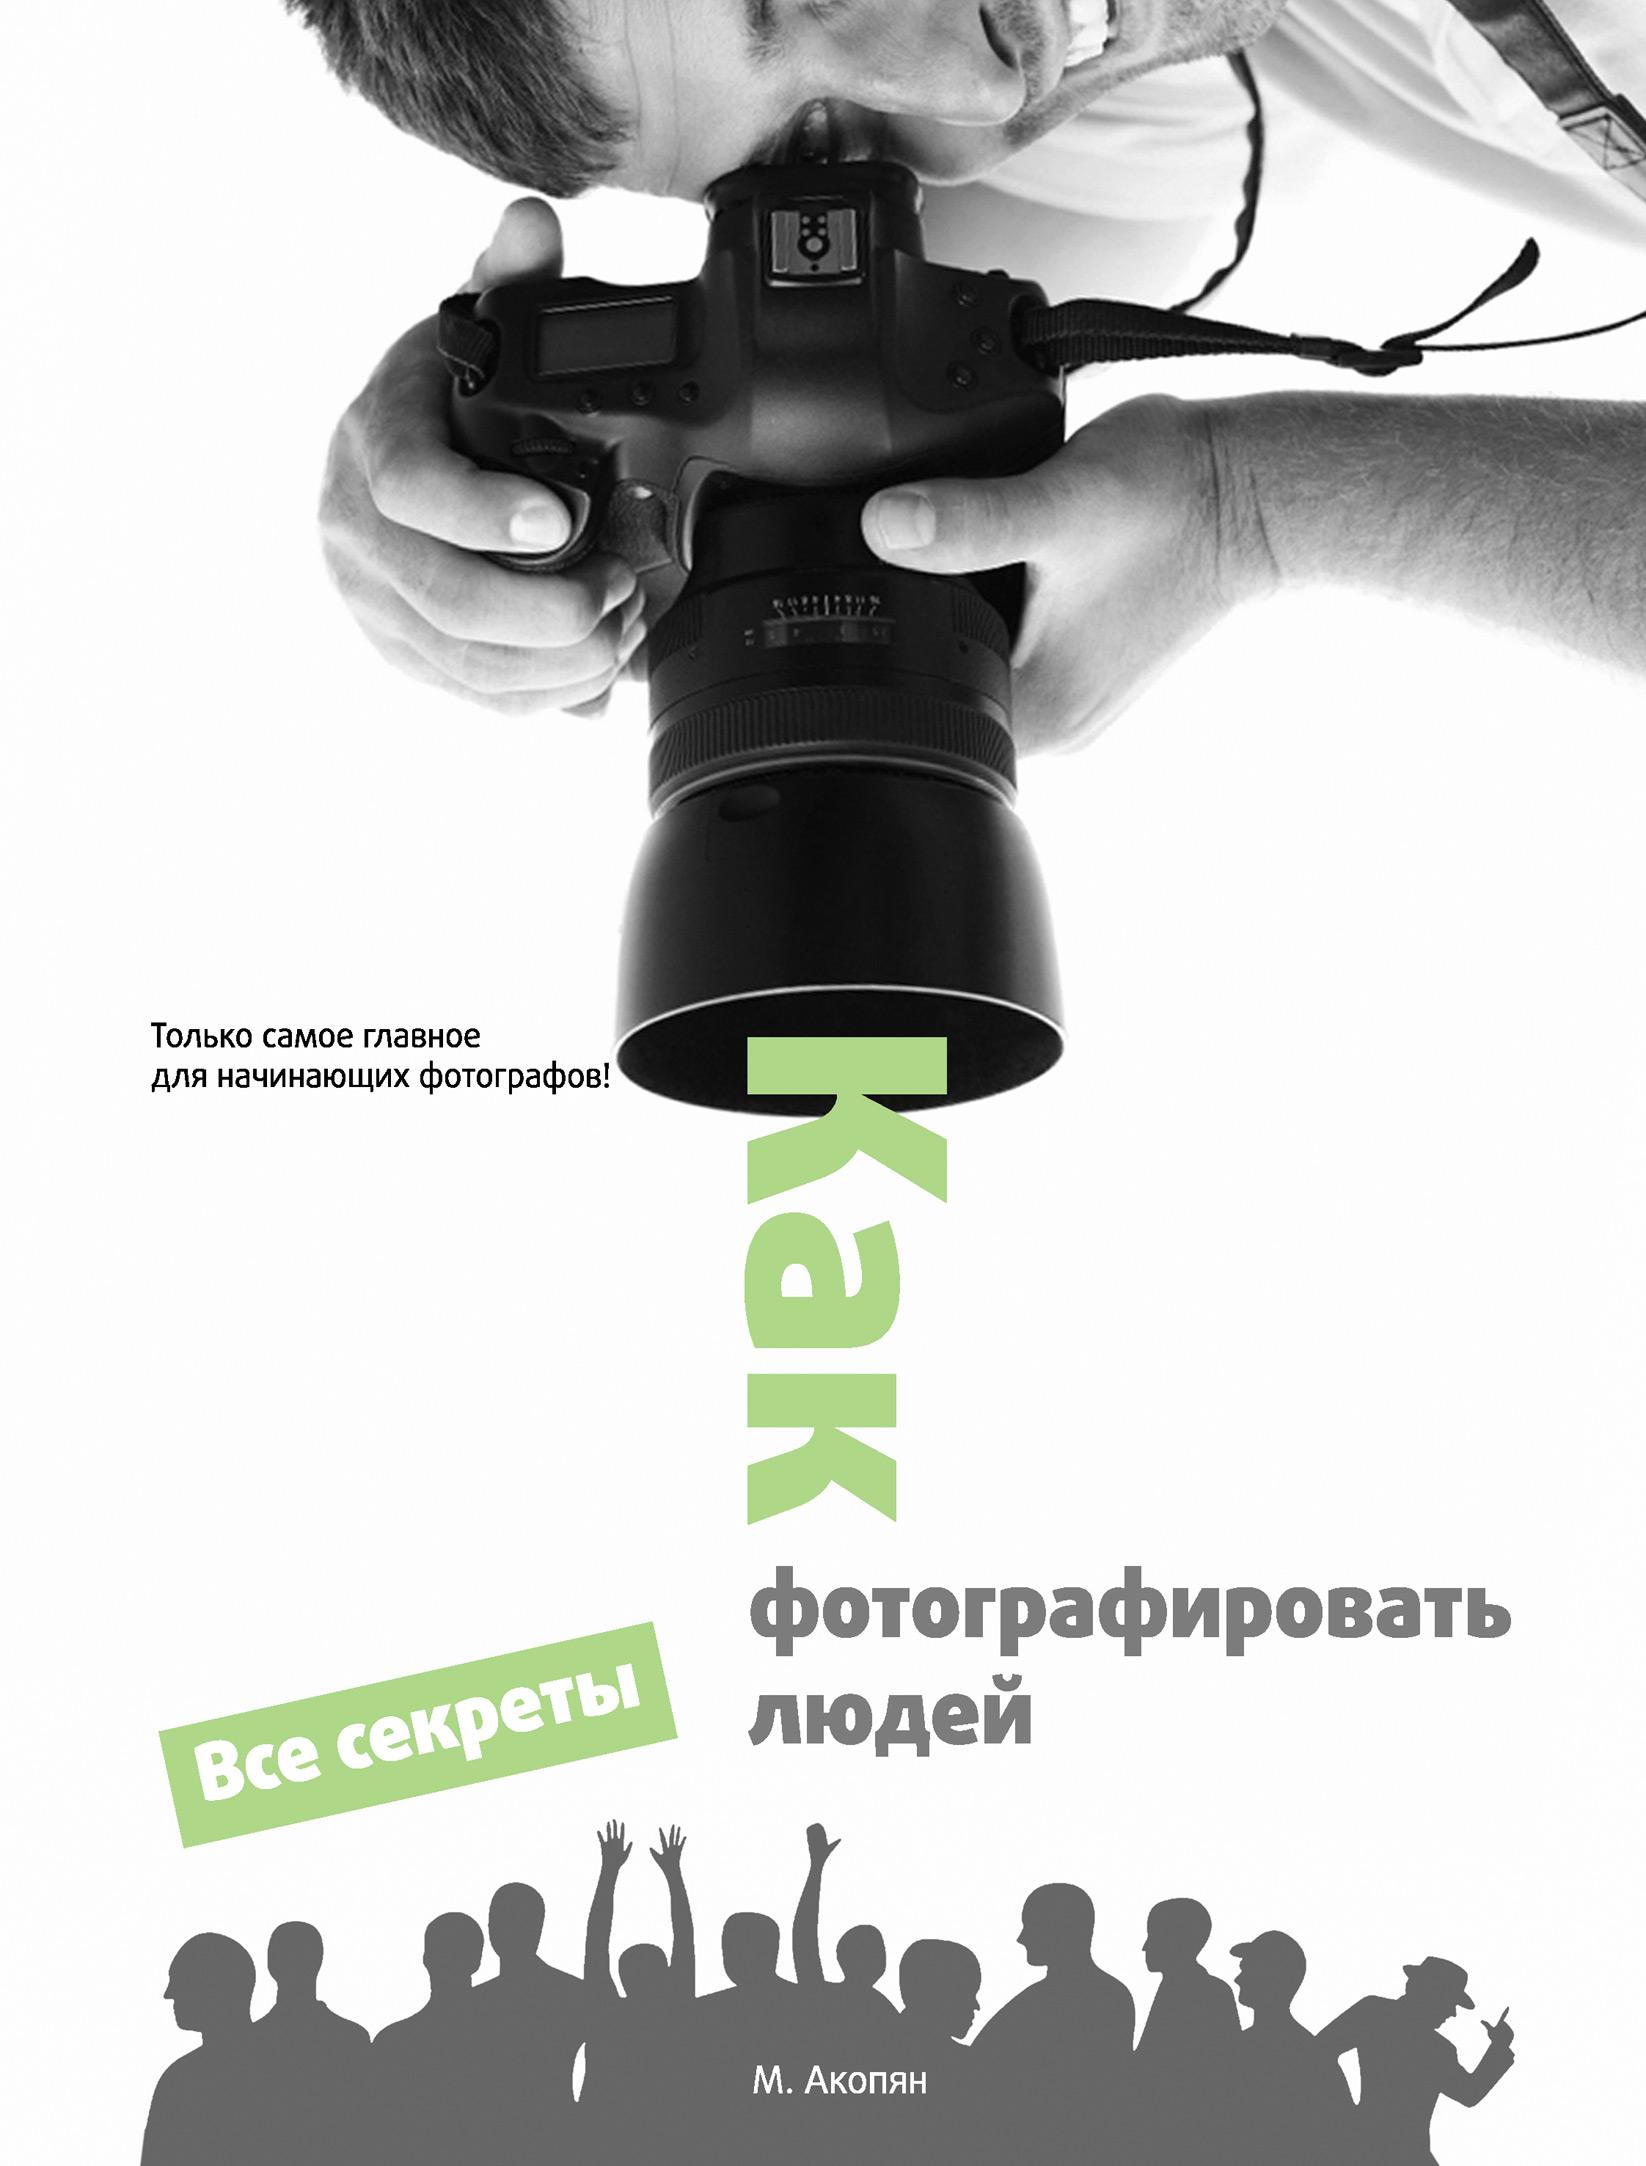 цена на Мариам Акопян Как фотографировать людей